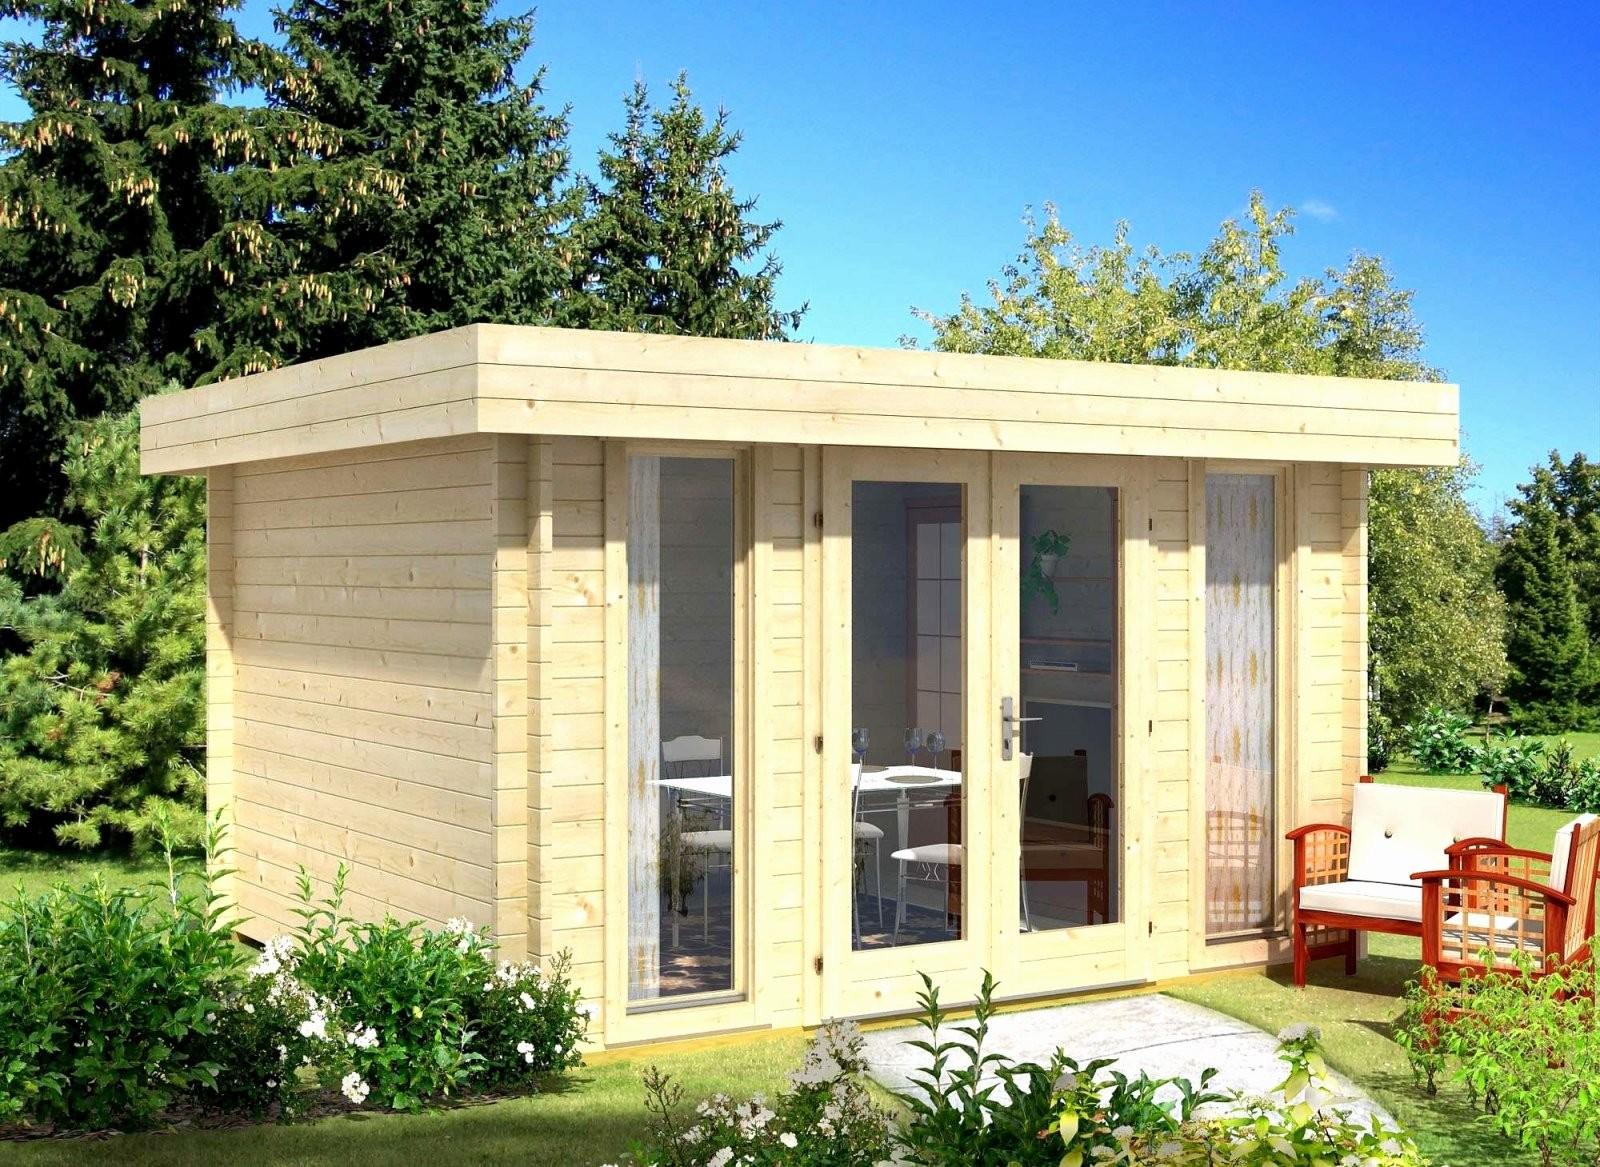 Holzpavillon Aus Polen Einmalig Tolle Gartenhaus Aus Tschechien von Gartenhaus Mit Terrasse Aus Polen Photo